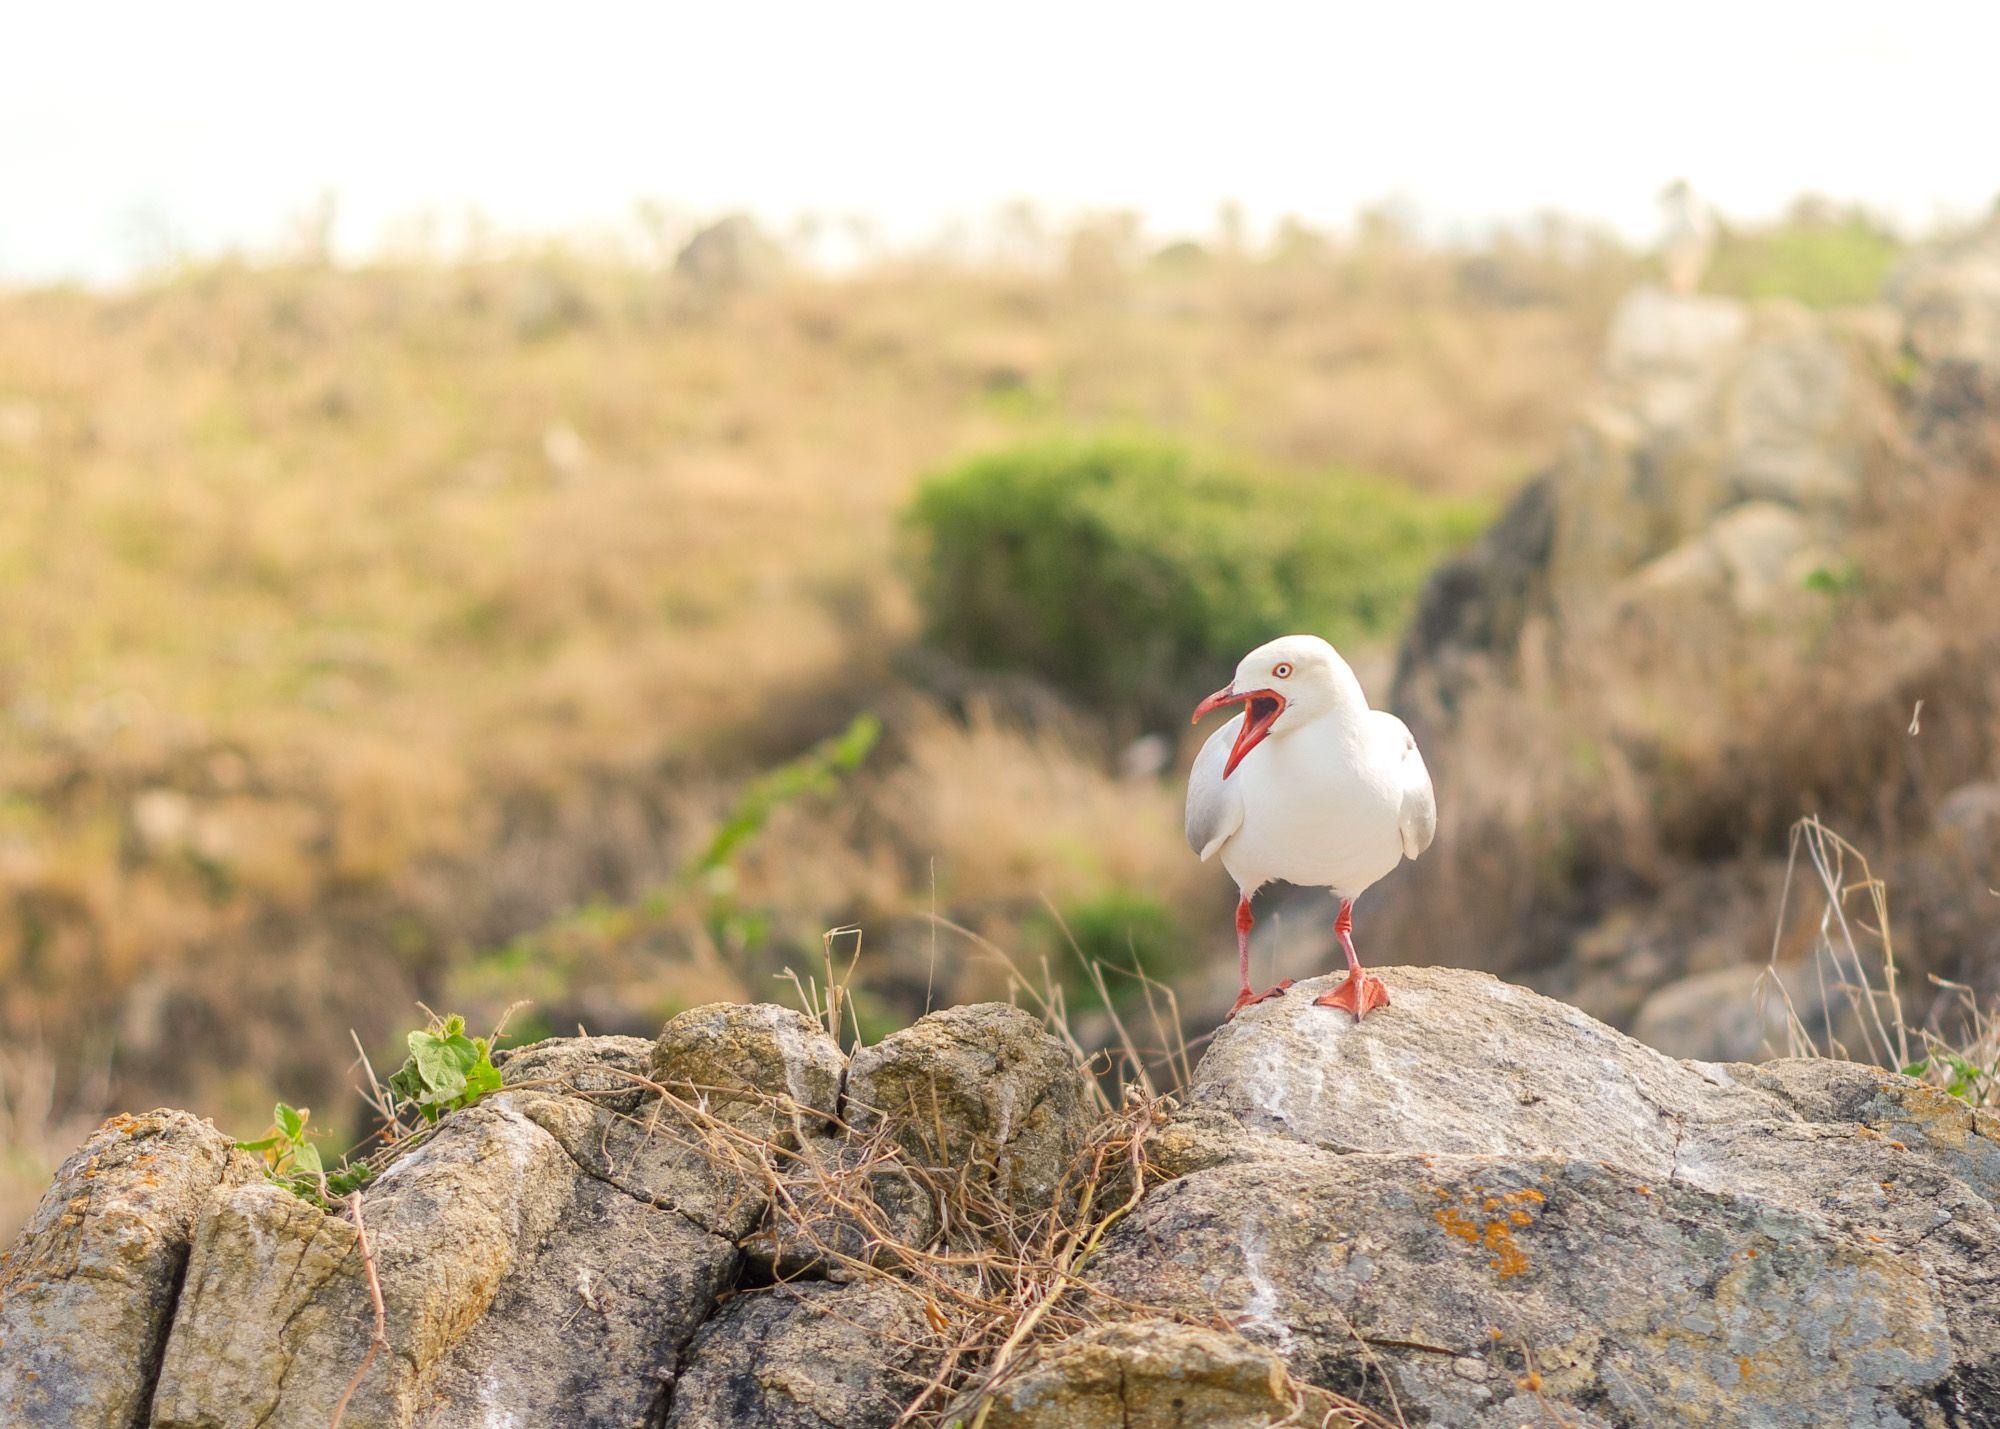 Pigeon squarking